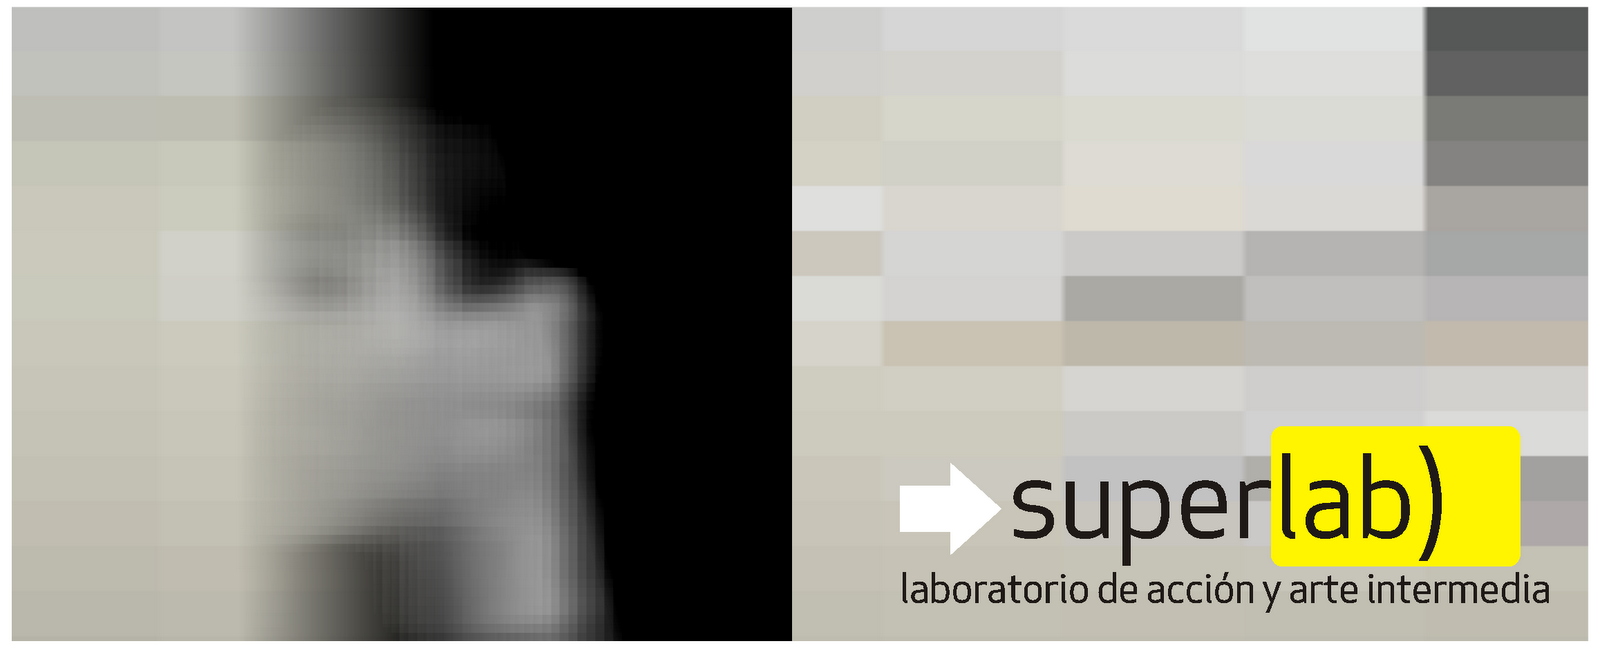 A-lab. laboratorio de accion y arte intermedia